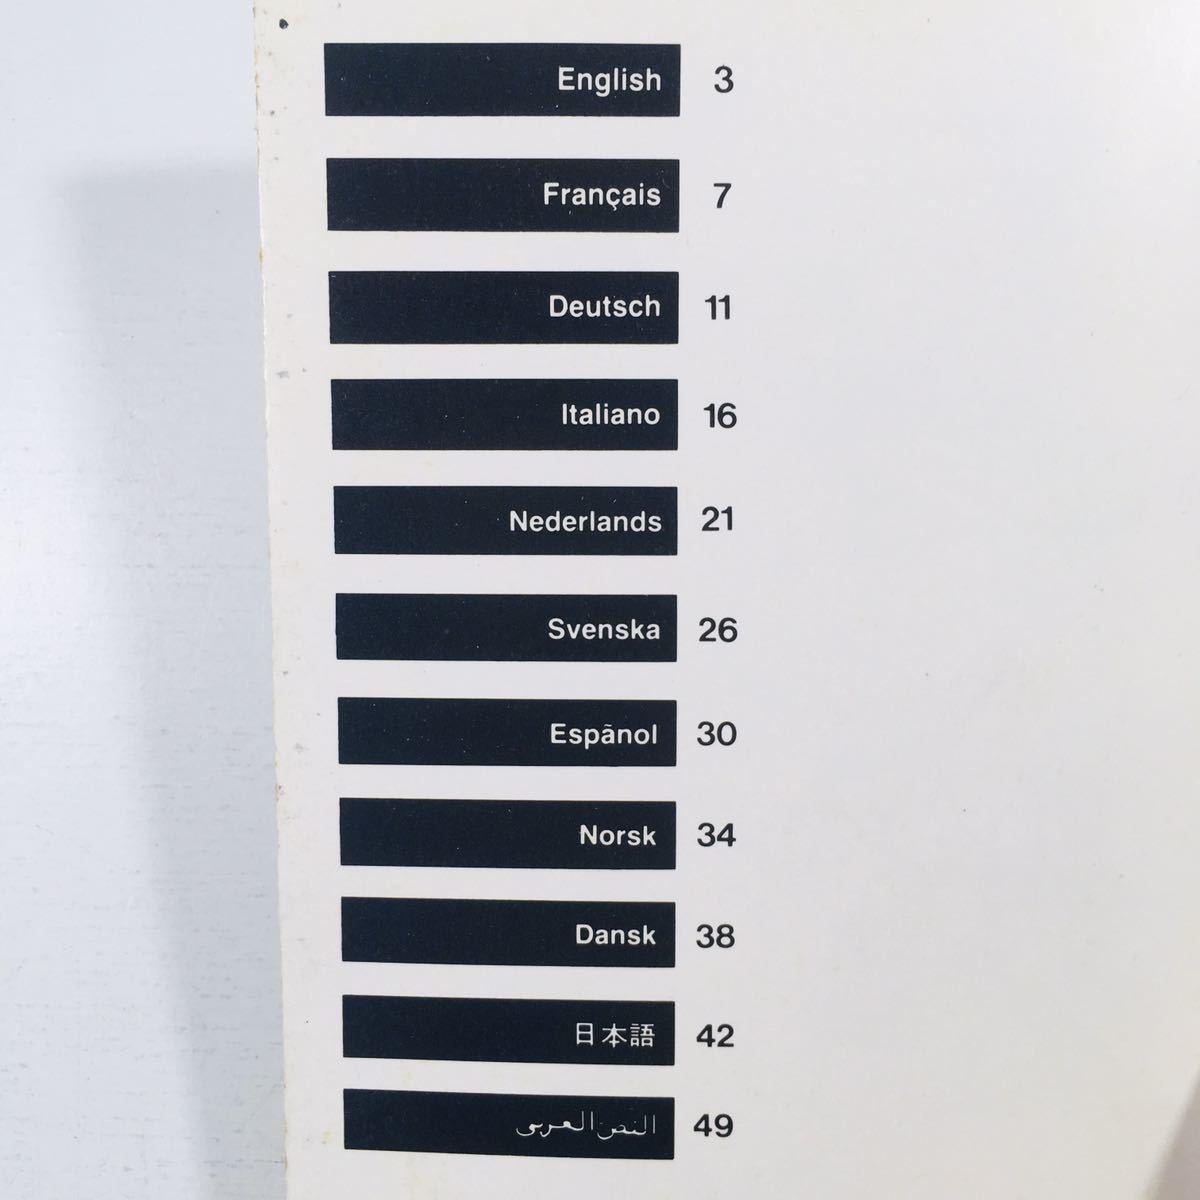 【 説明書 のみ 】 純正 オリジナル polaroid ポラロイド 660 英文 外国語 取扱 使用 レトロ フィルム カメラ レア 当時物 貴重_画像2